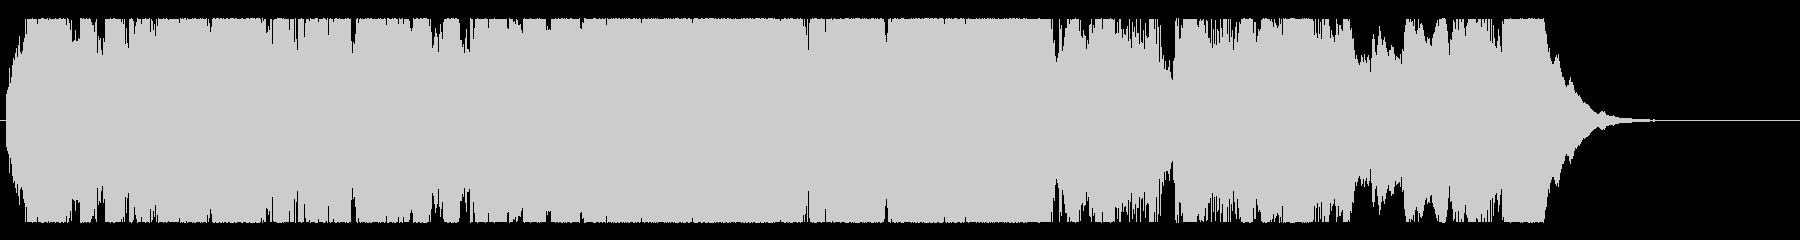 感動/のびやか/オーケストラ/ワルツの未再生の波形